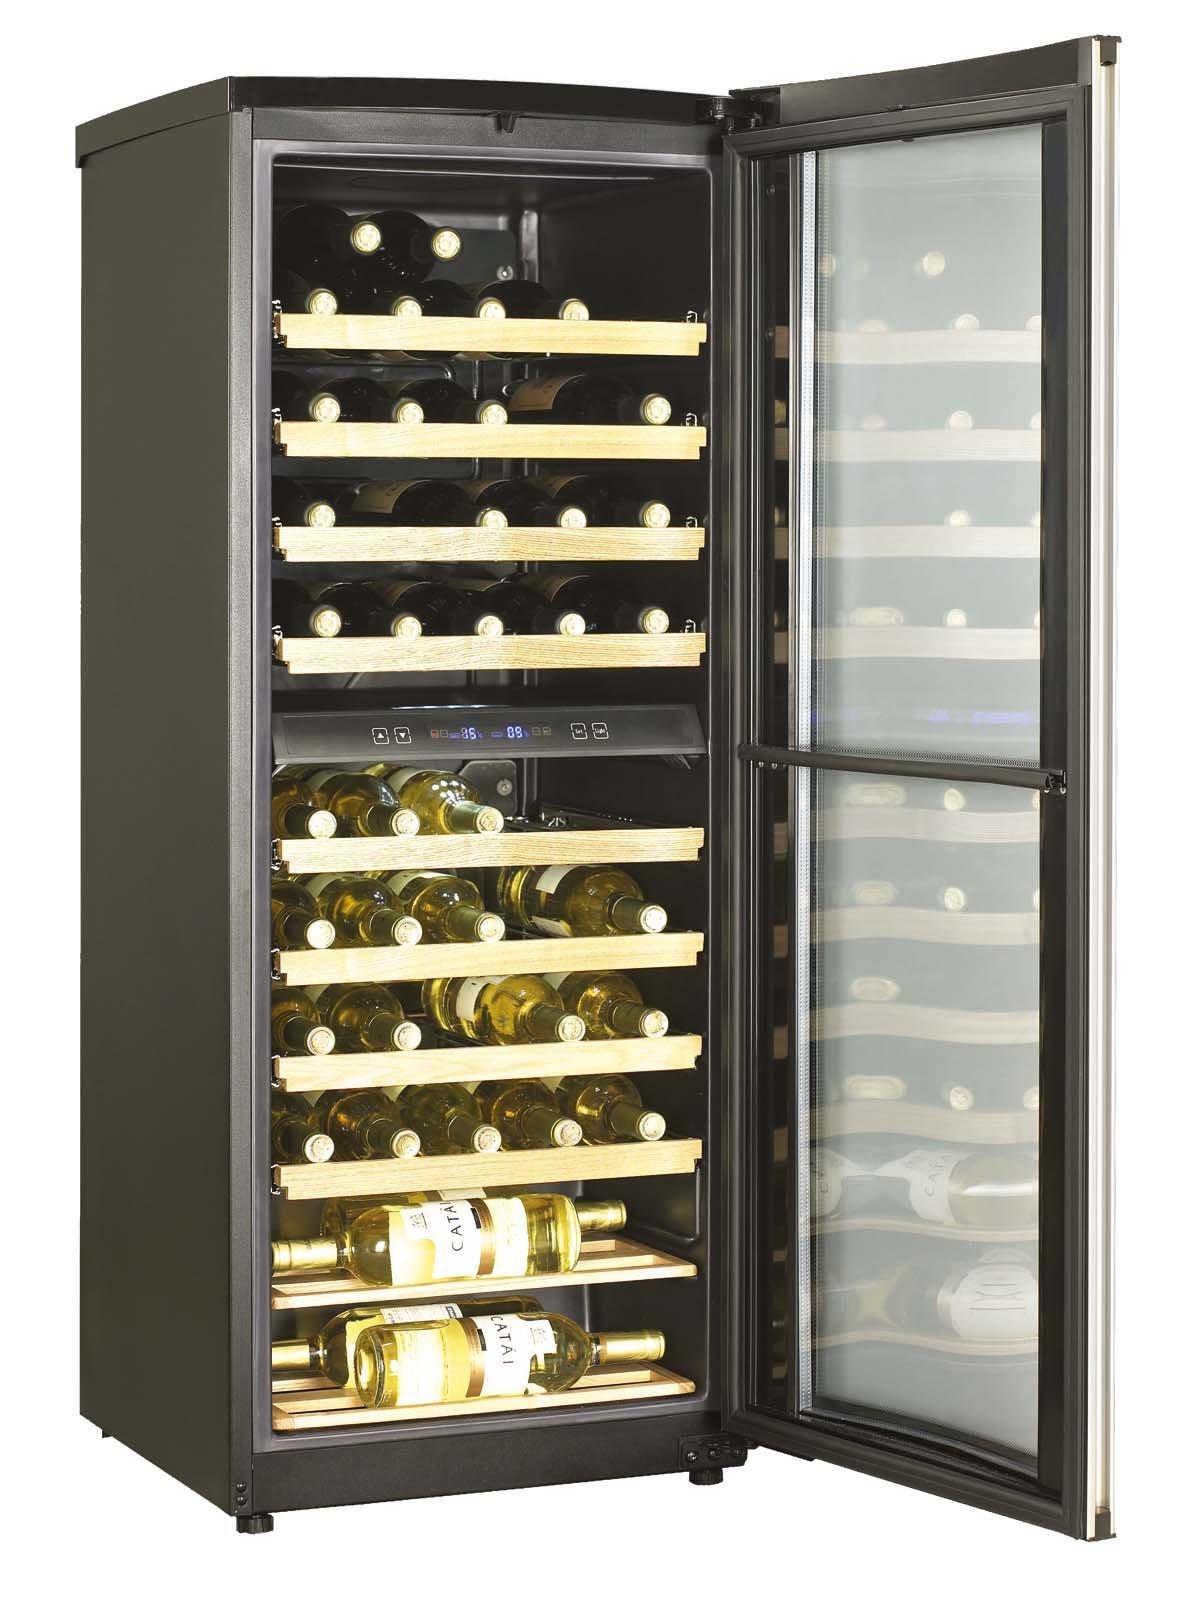 Le cantinette per conservare bene il vino cose di casa - Cantinetta vini ikea ...